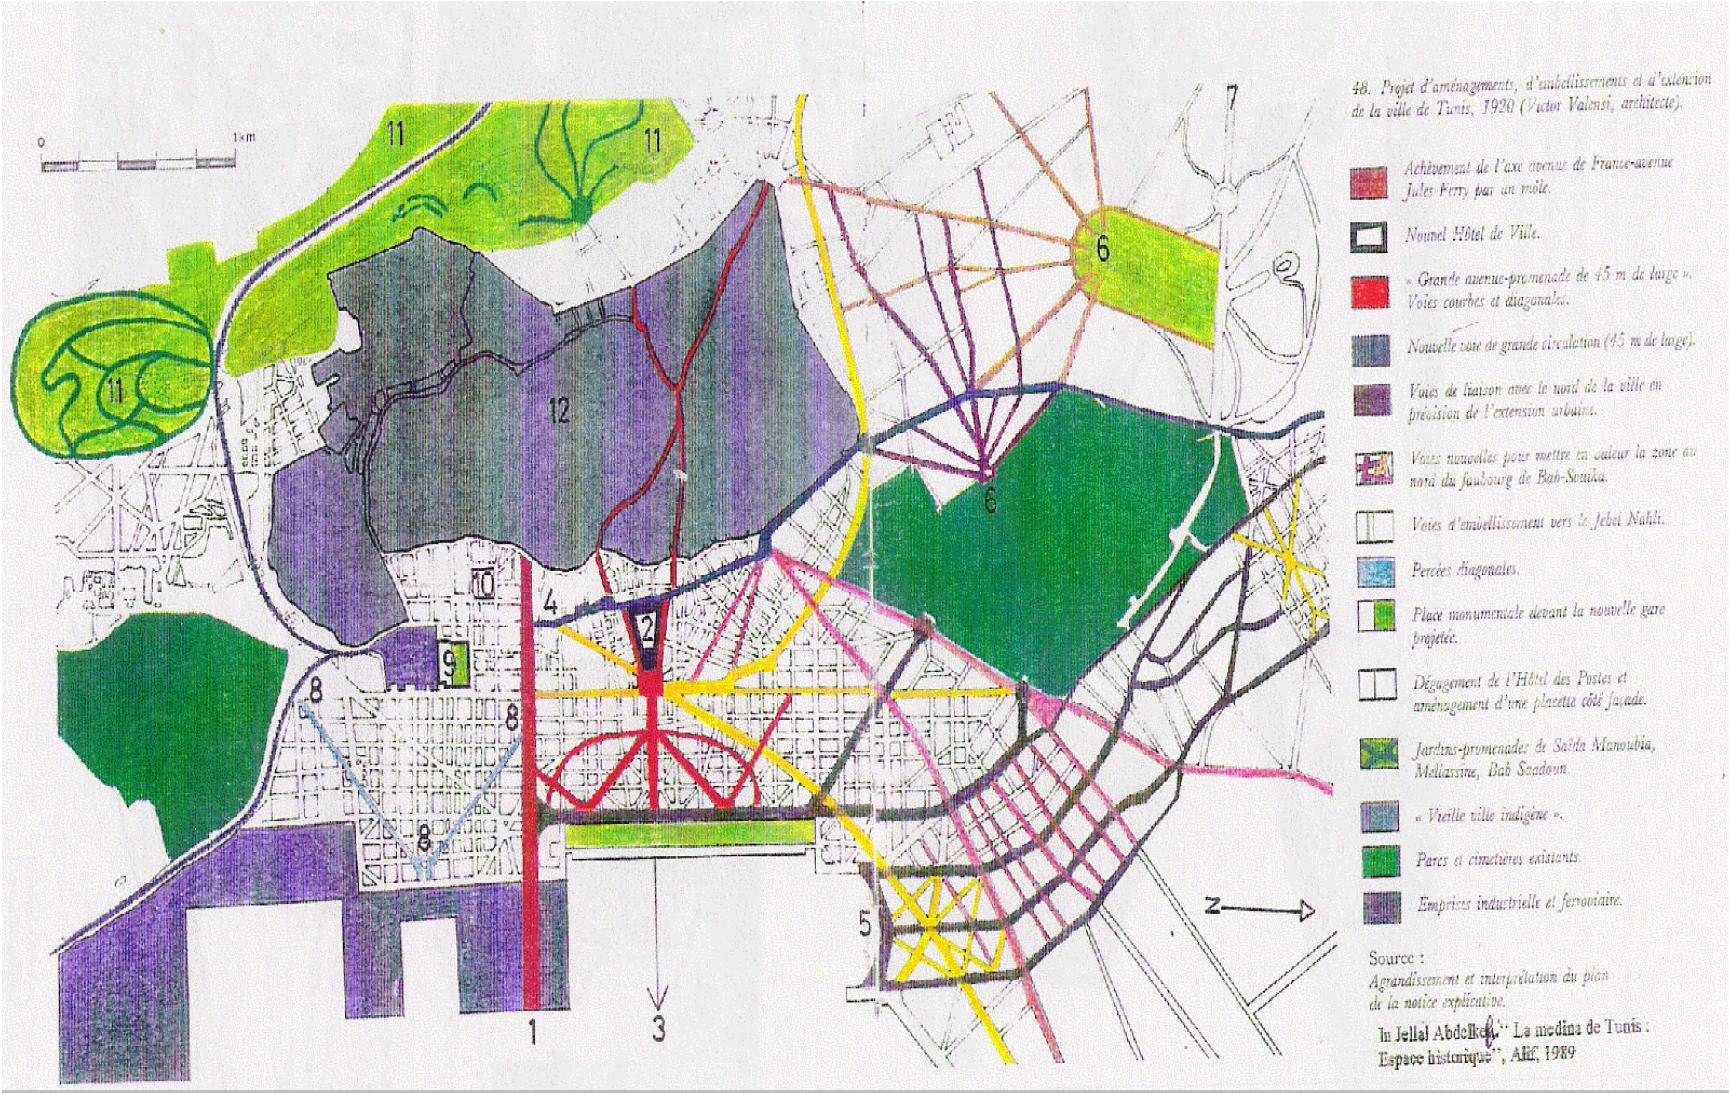 """Figure 3: Oueslati-Hammami, Imen. """"Les Centralités Du Grand Tunis : Acteurs, Représentations Et Pratiques Urbaines.""""  Université Toulouse le Mirail , HAL, 2010. 129"""